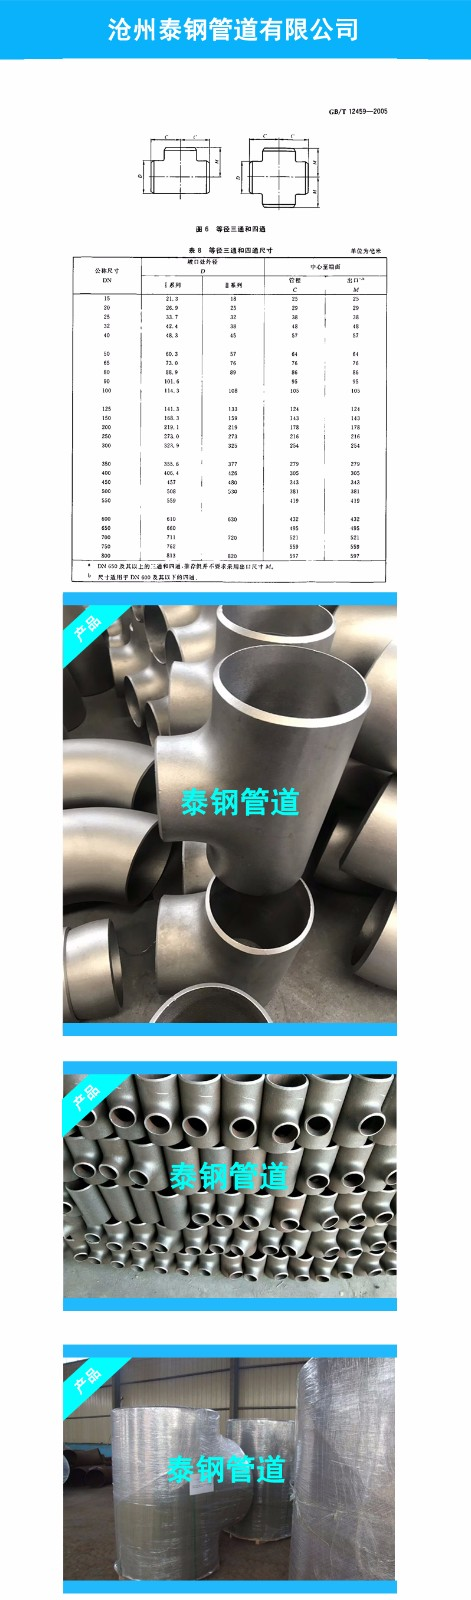 異徑三通|三通系列-滄州泰鋼管道有限公司.